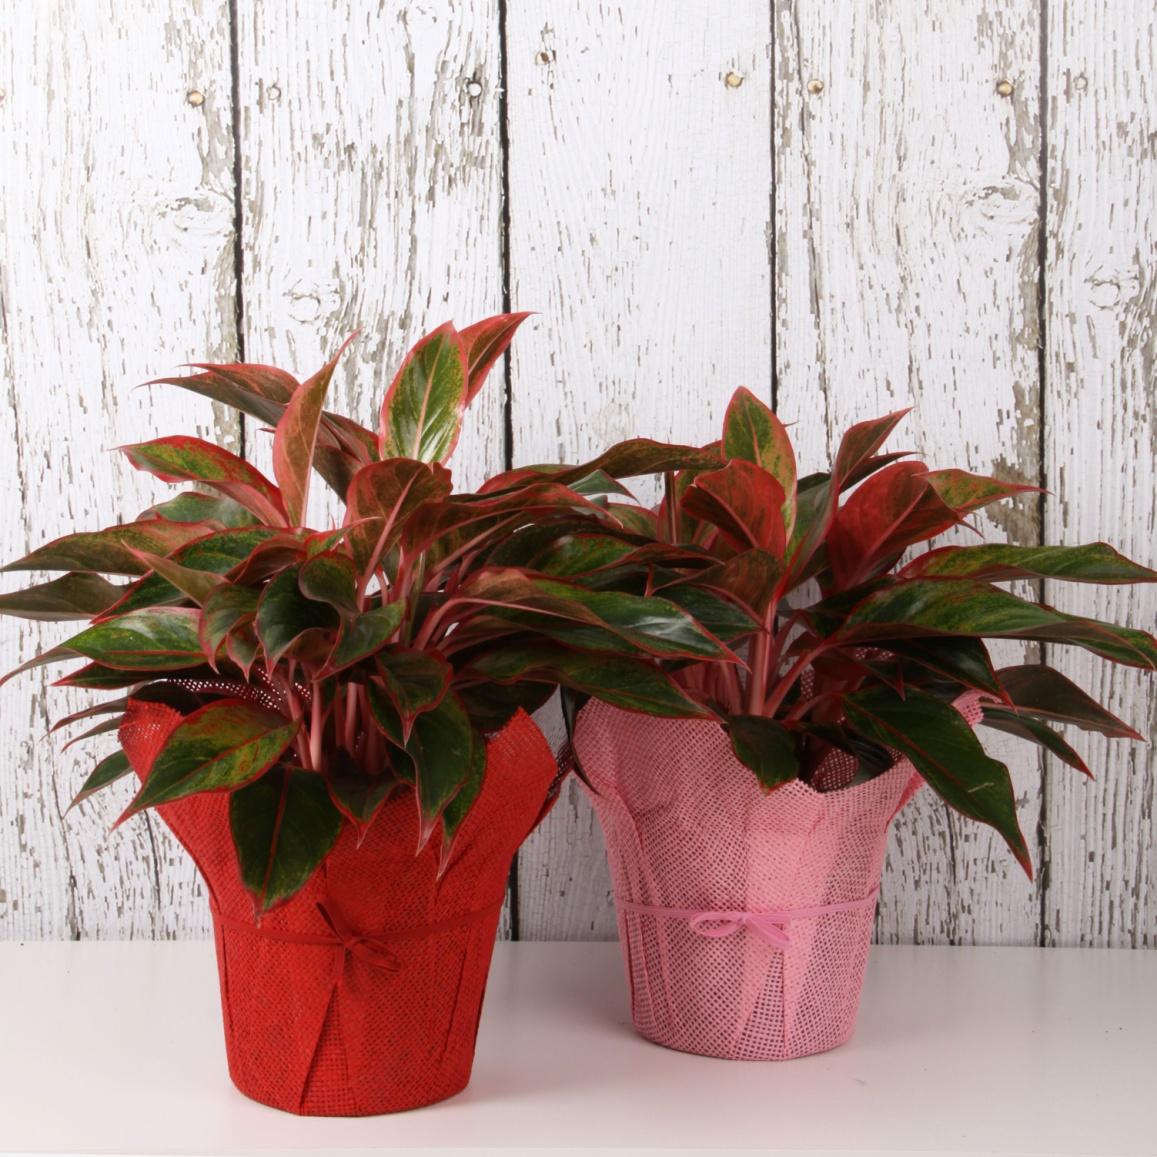 Цветок листья с красными прожилками